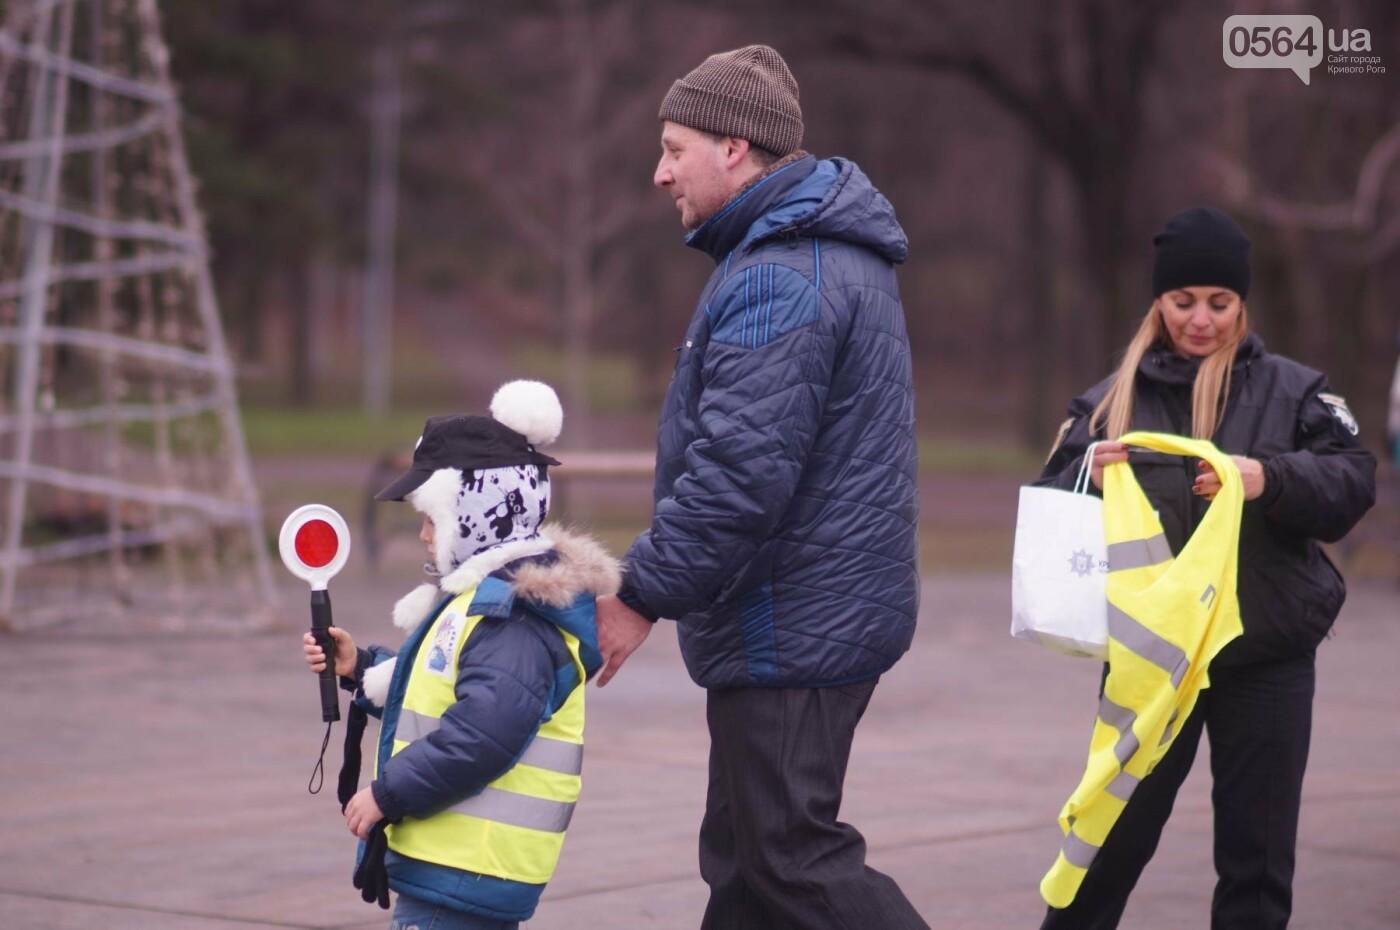 Встреча криворожских полицейских с детьми закончилась преждевременно (ФОТО), фото-7